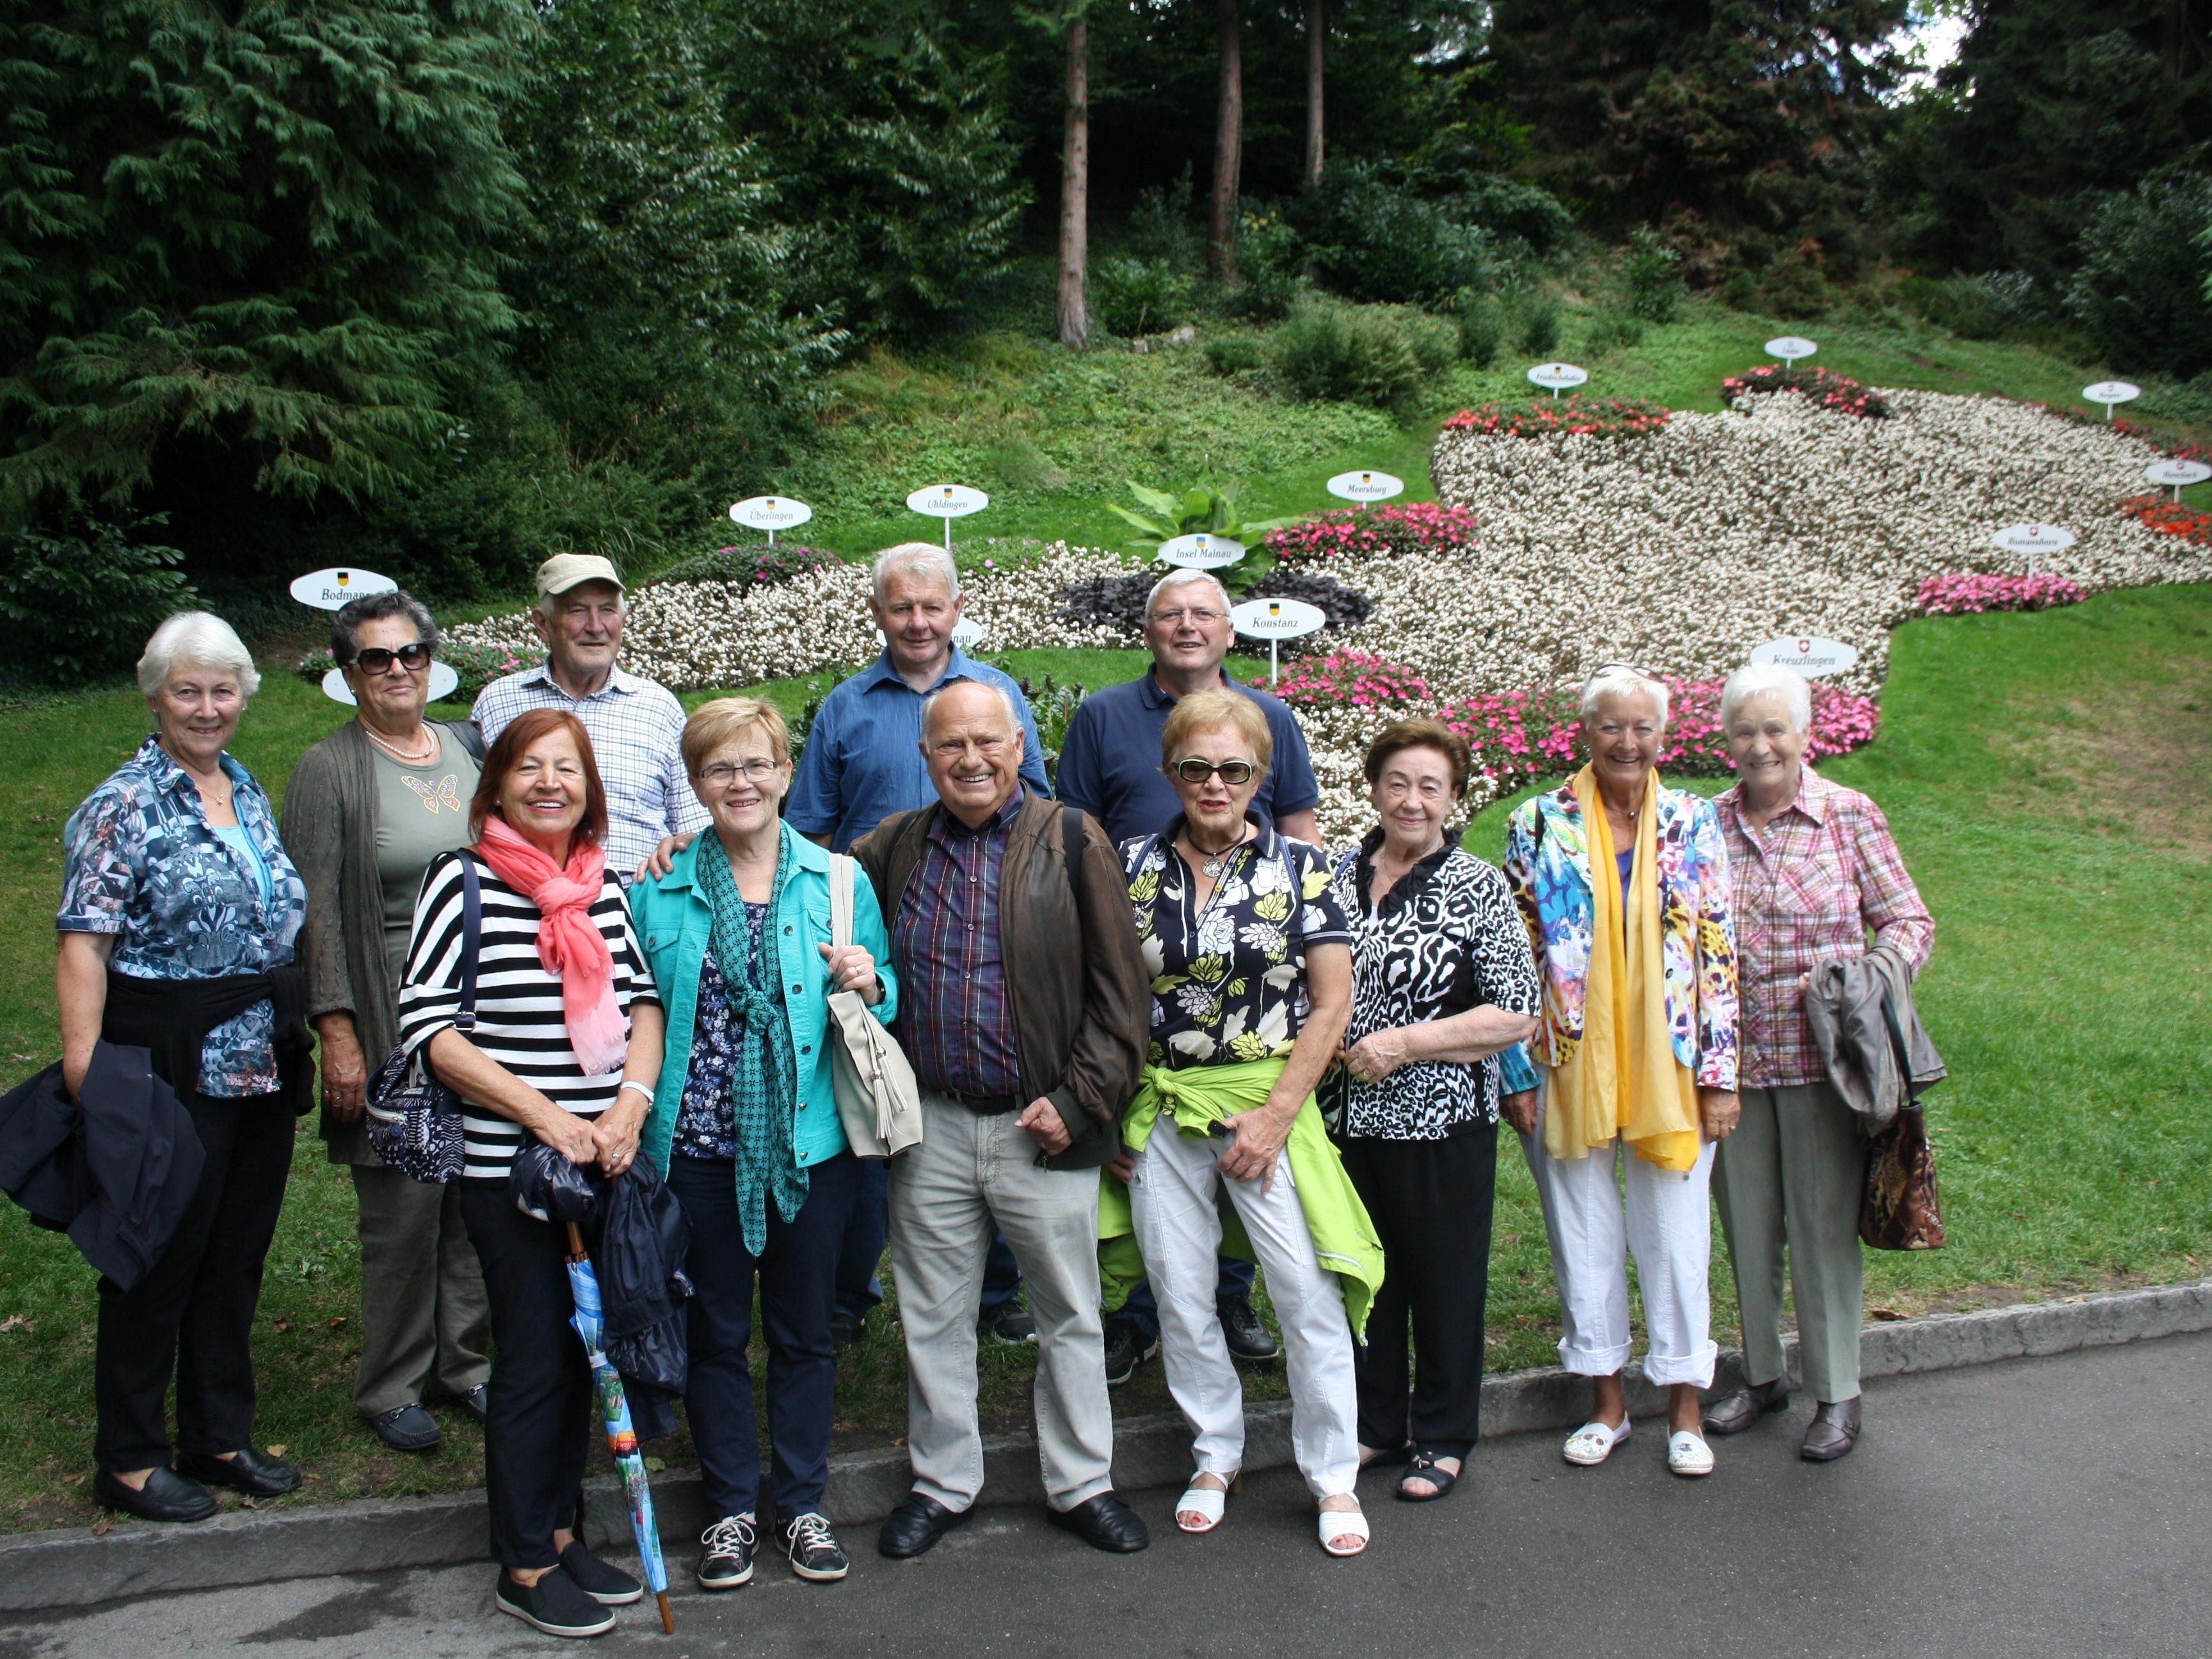 Die Insel Mainau begeisterte mit dem Schloss, den wunderbaren Parkanlagen und der aktuellen Dahlienschau die Besucher aus dem Ländle.